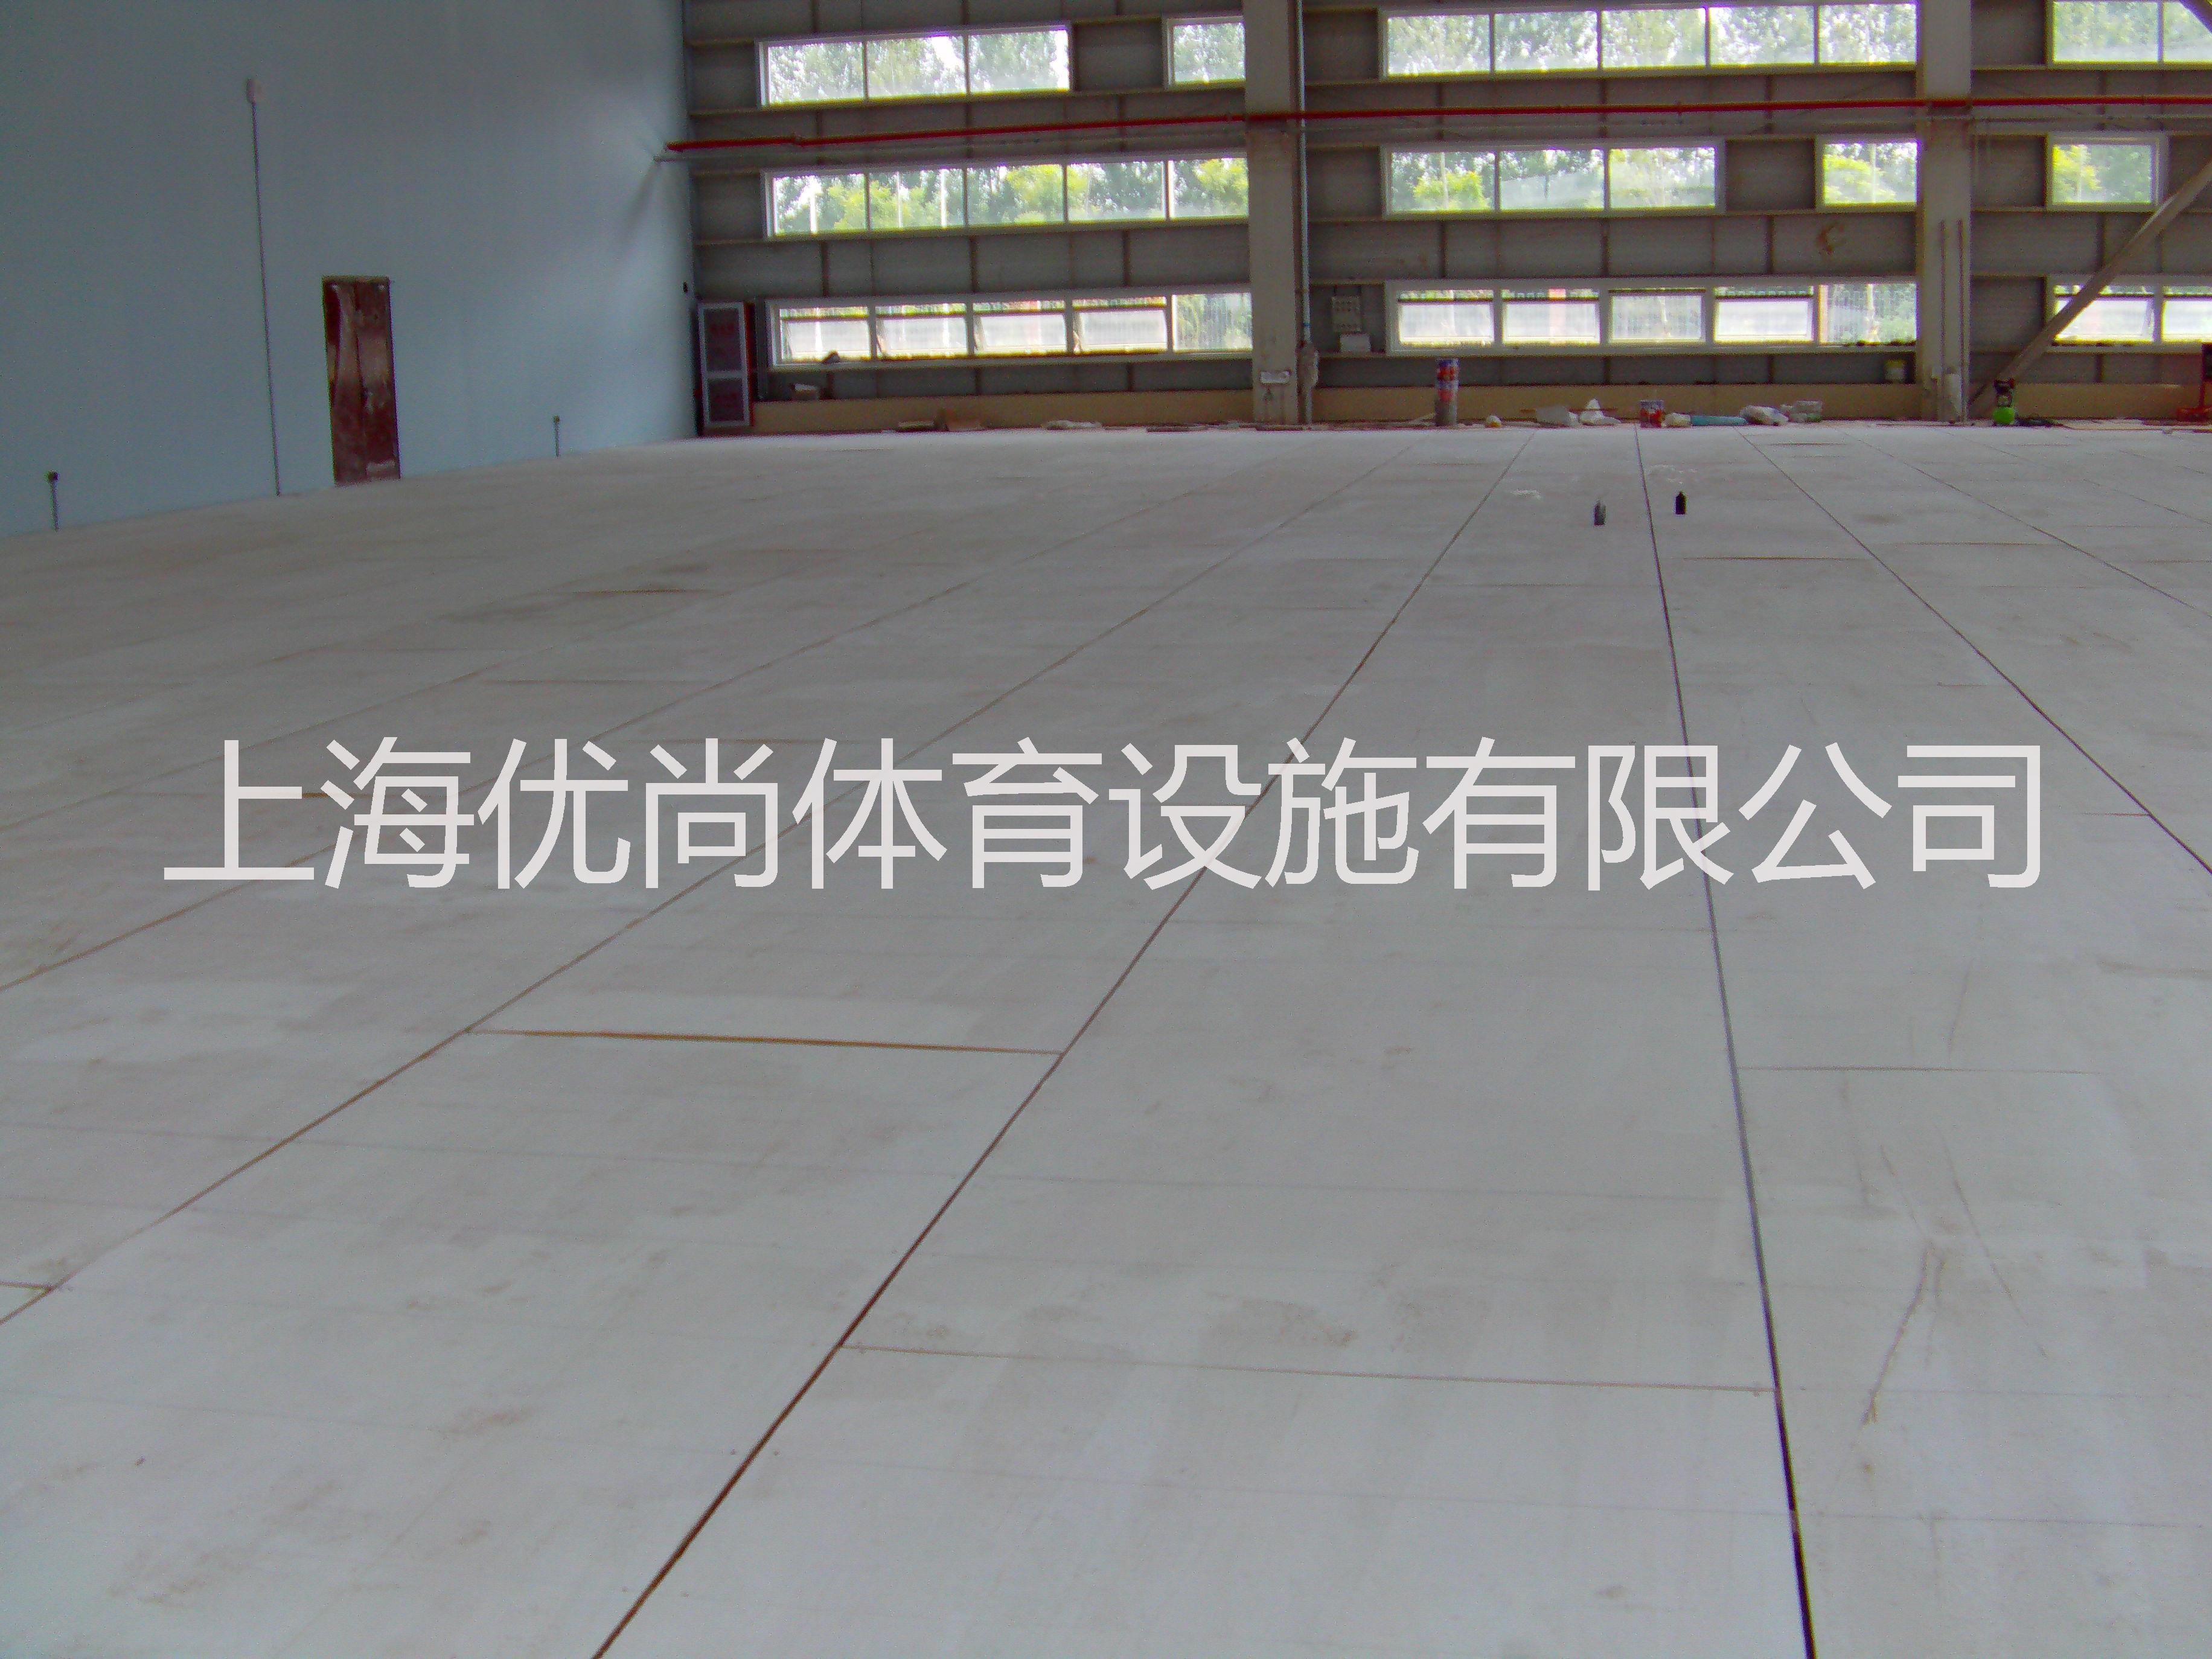 地址:上海市普陀区曹杨路1040号中谊大厦15楼北座 电话:021-62161512 021-62161522 手机:18602156706 一片标准网球场地的占地面积不小于670平方米(南北长36.6米(南北长)东西宽18.3米),这一尺寸也是一片标准网球场地四周围挡网或室内建筑内墙面的净尺寸。在这个面积内,有效双打场地的标准尺寸是:23.